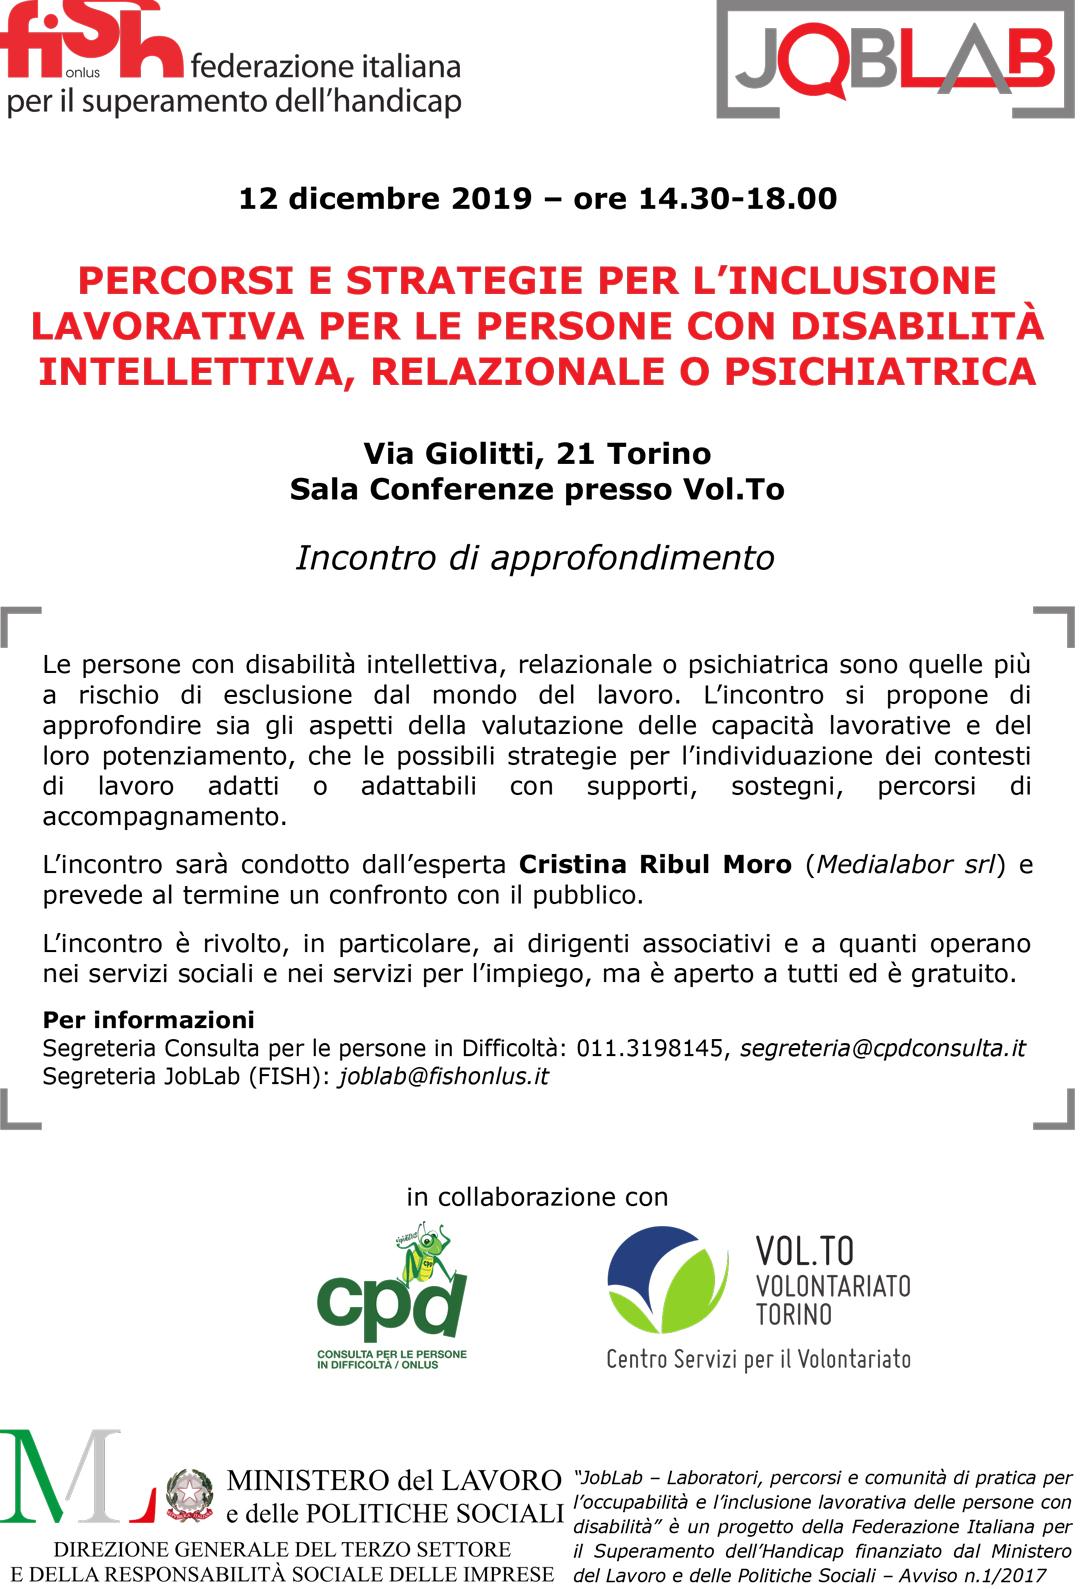 Percorsi e strategie per l'inclusione lavorativa per le persone con disabilità intellettiva, relazionale o psichiatrica.